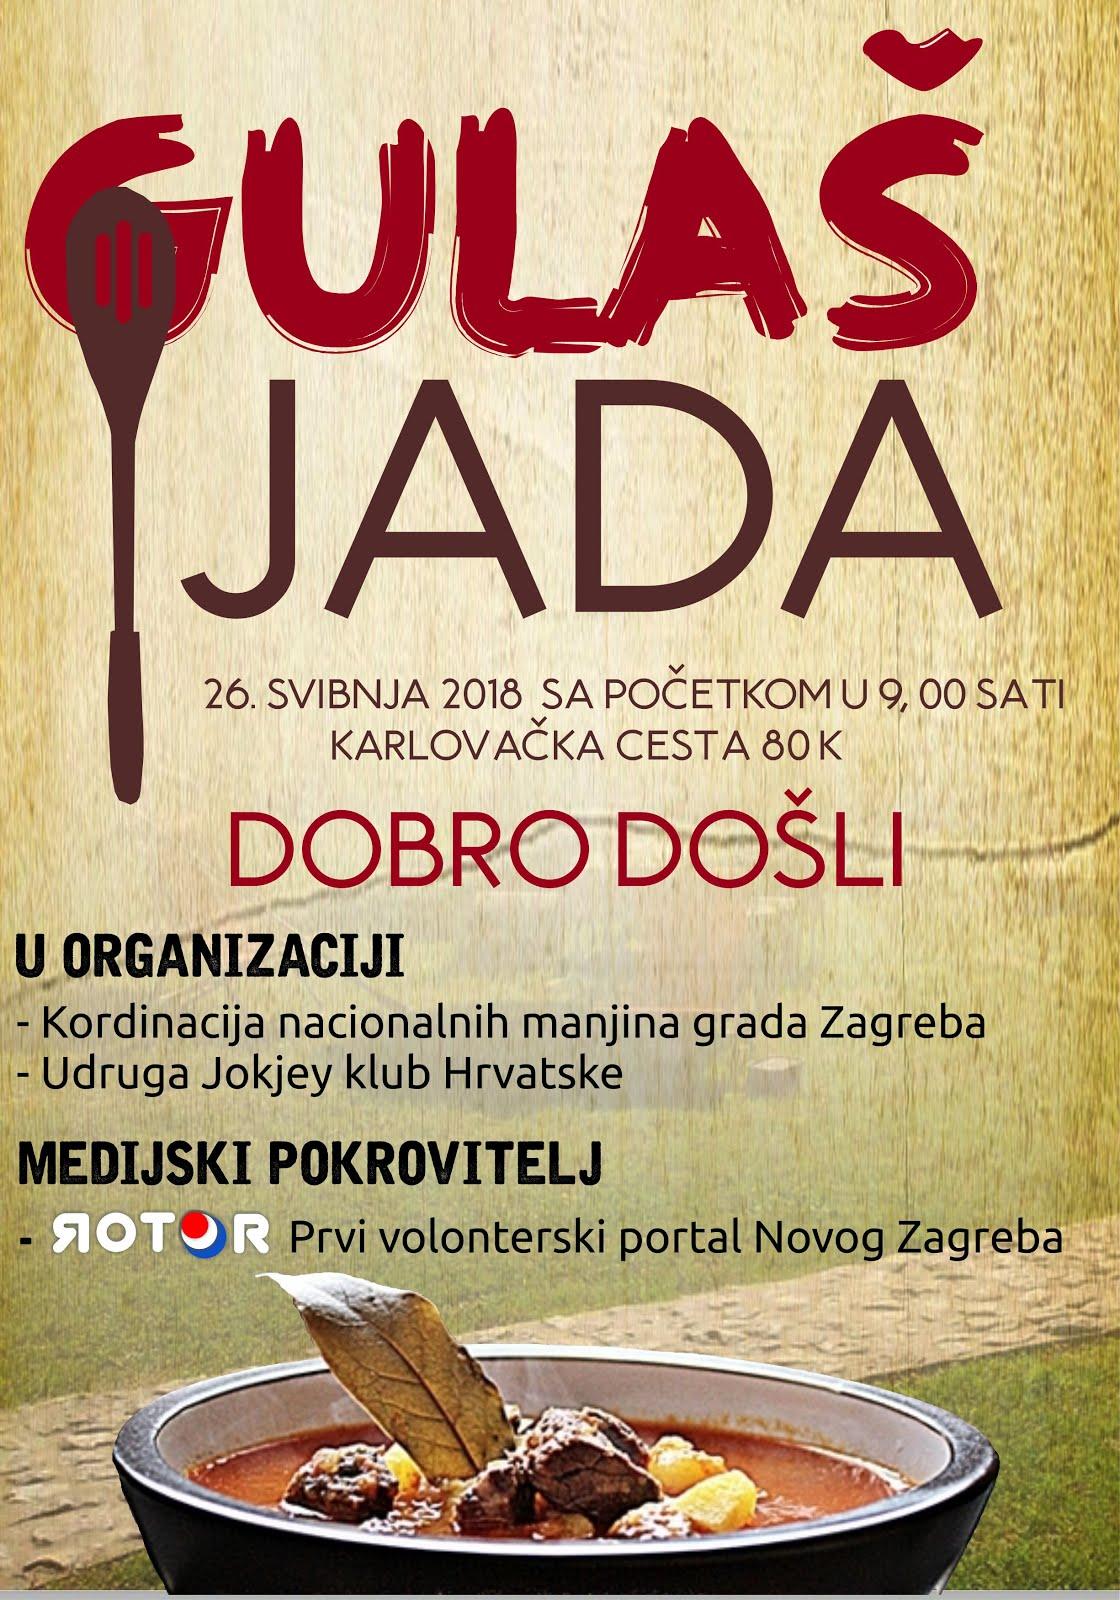 NAJVEĆA - GULAŠIJADA - U NOVOM ZAGREBU